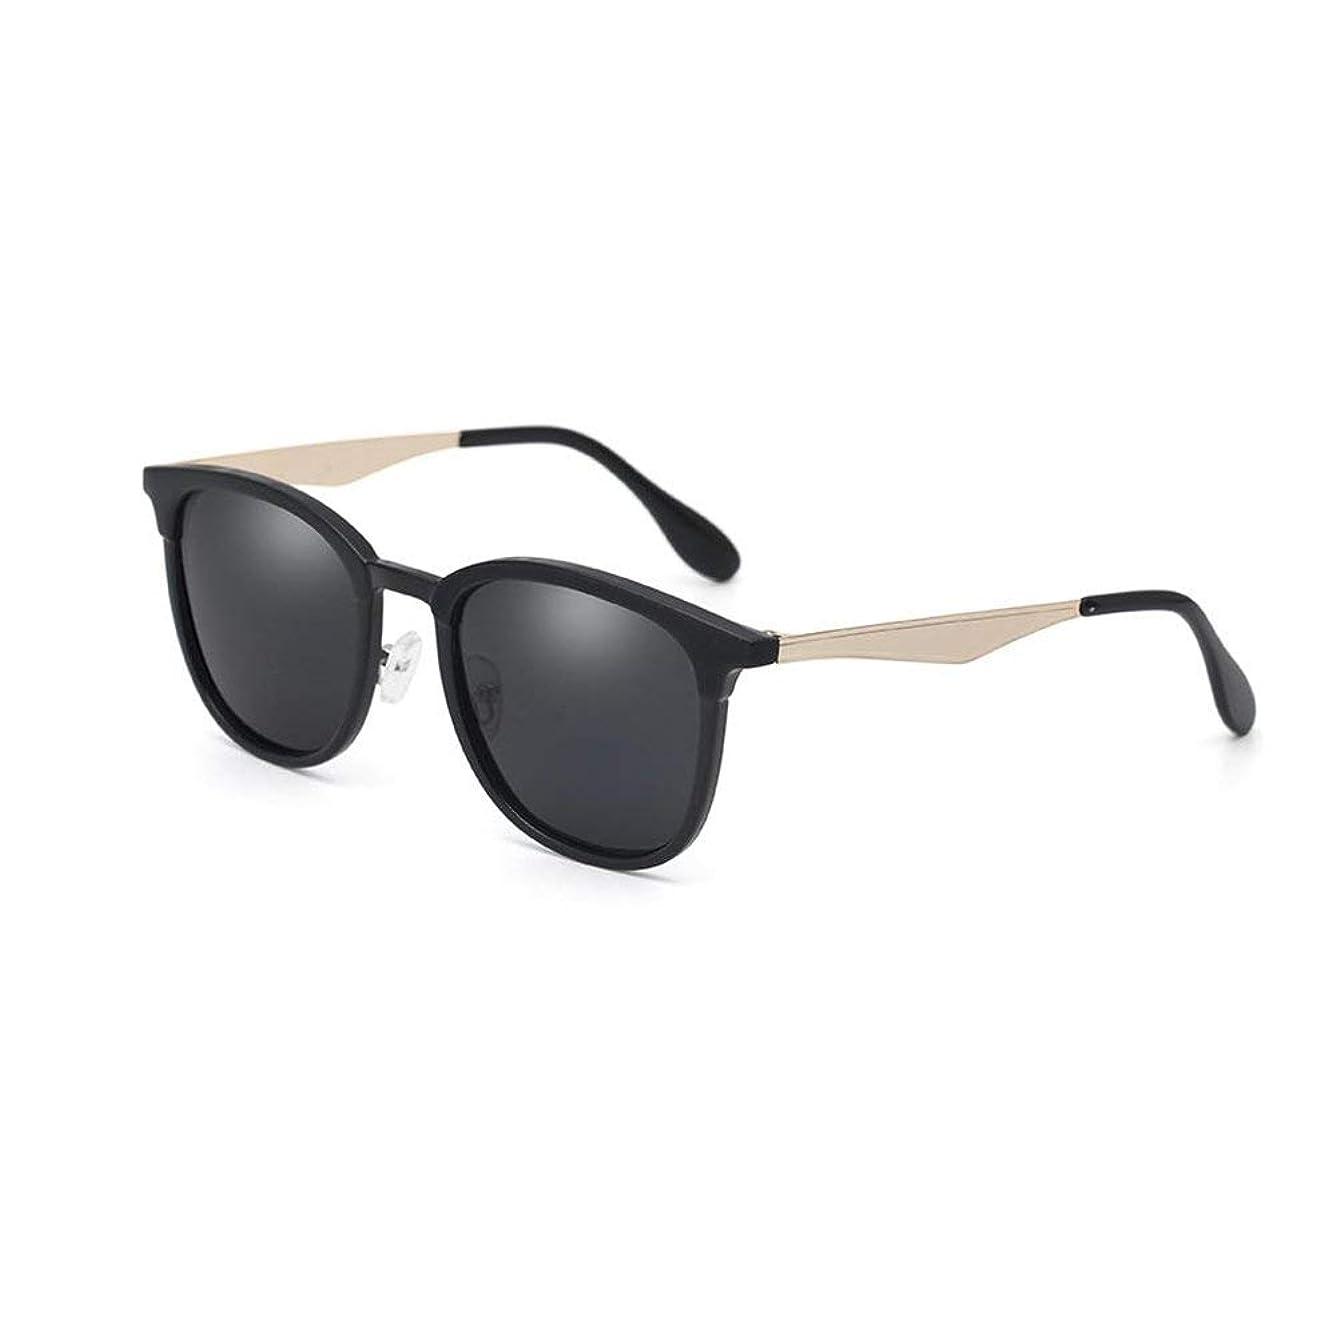 掘る八百屋到着するレトロサングラス男性と女性のメガネ偏光サングラスHDドライビングメガネスポーツゴーグルアンチグレアファッションアンチUV(カラー:4)